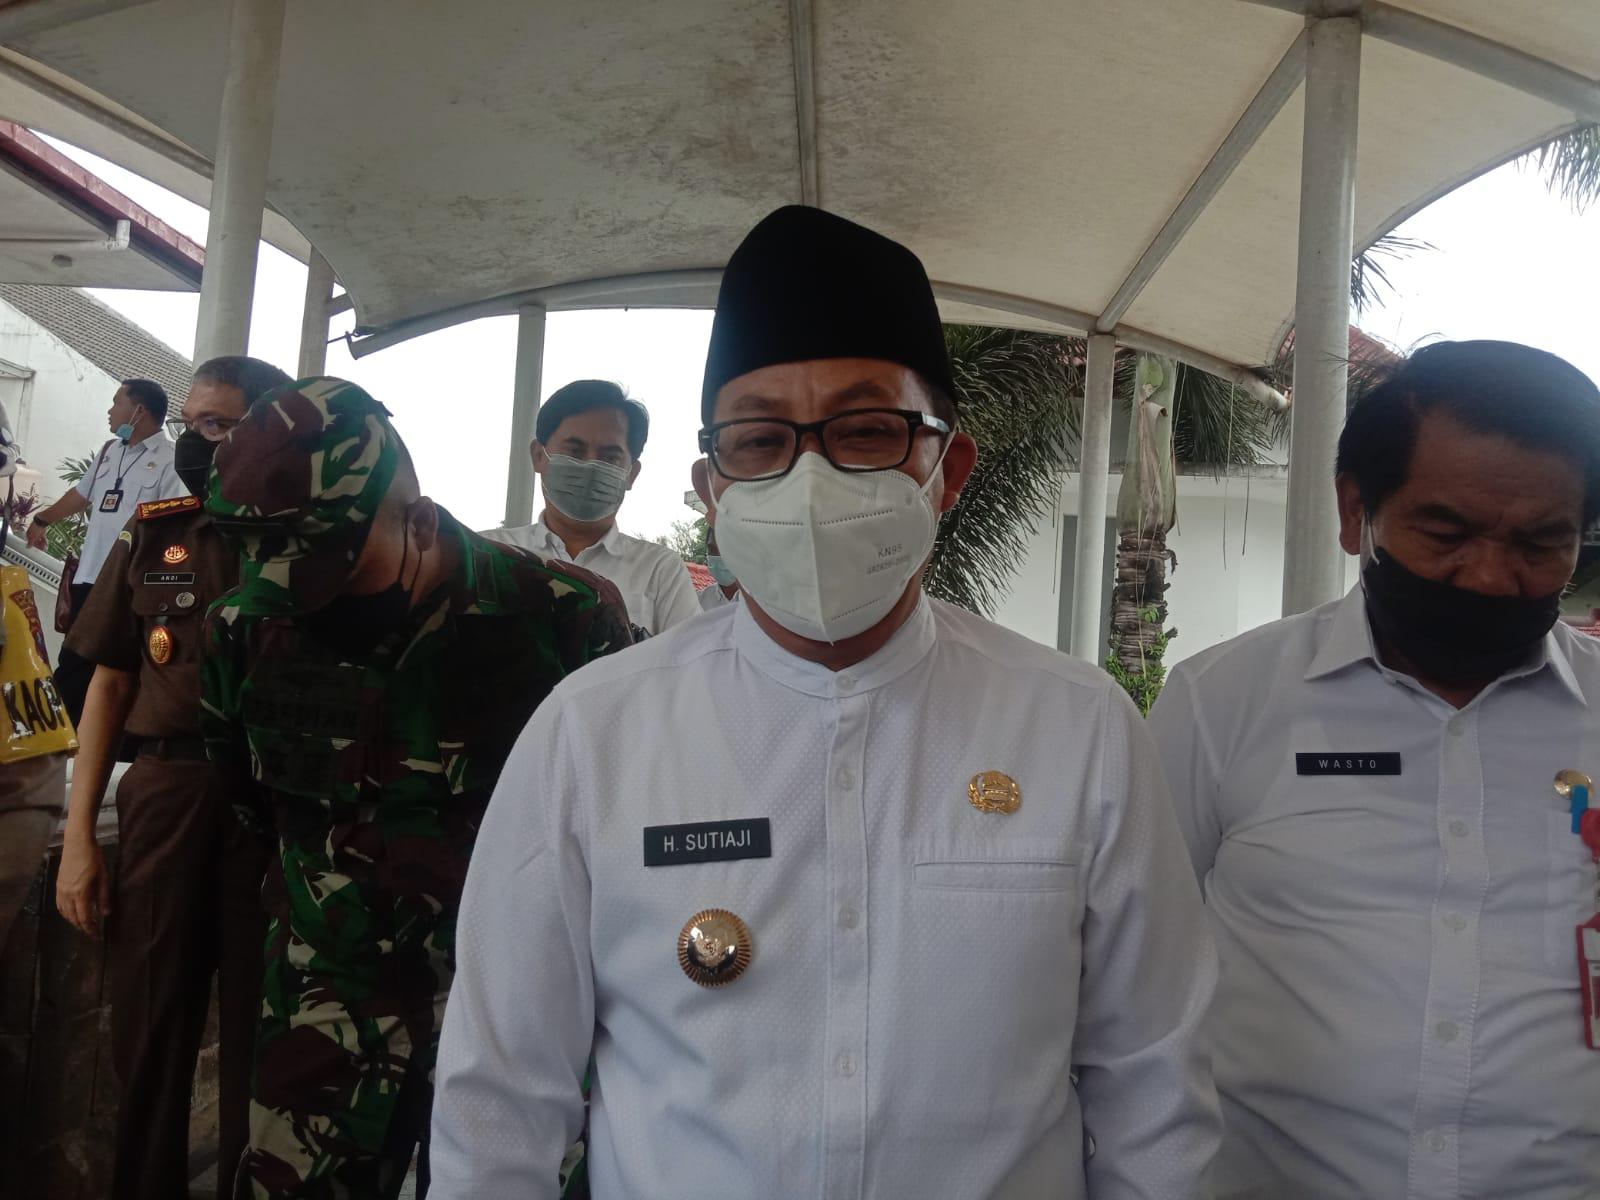 Wali Kota Malang Sutiaji terus mempersiapkan pelaksanaan vaksinasi. (Foto:Feni Yusnia/Tugu Malang)